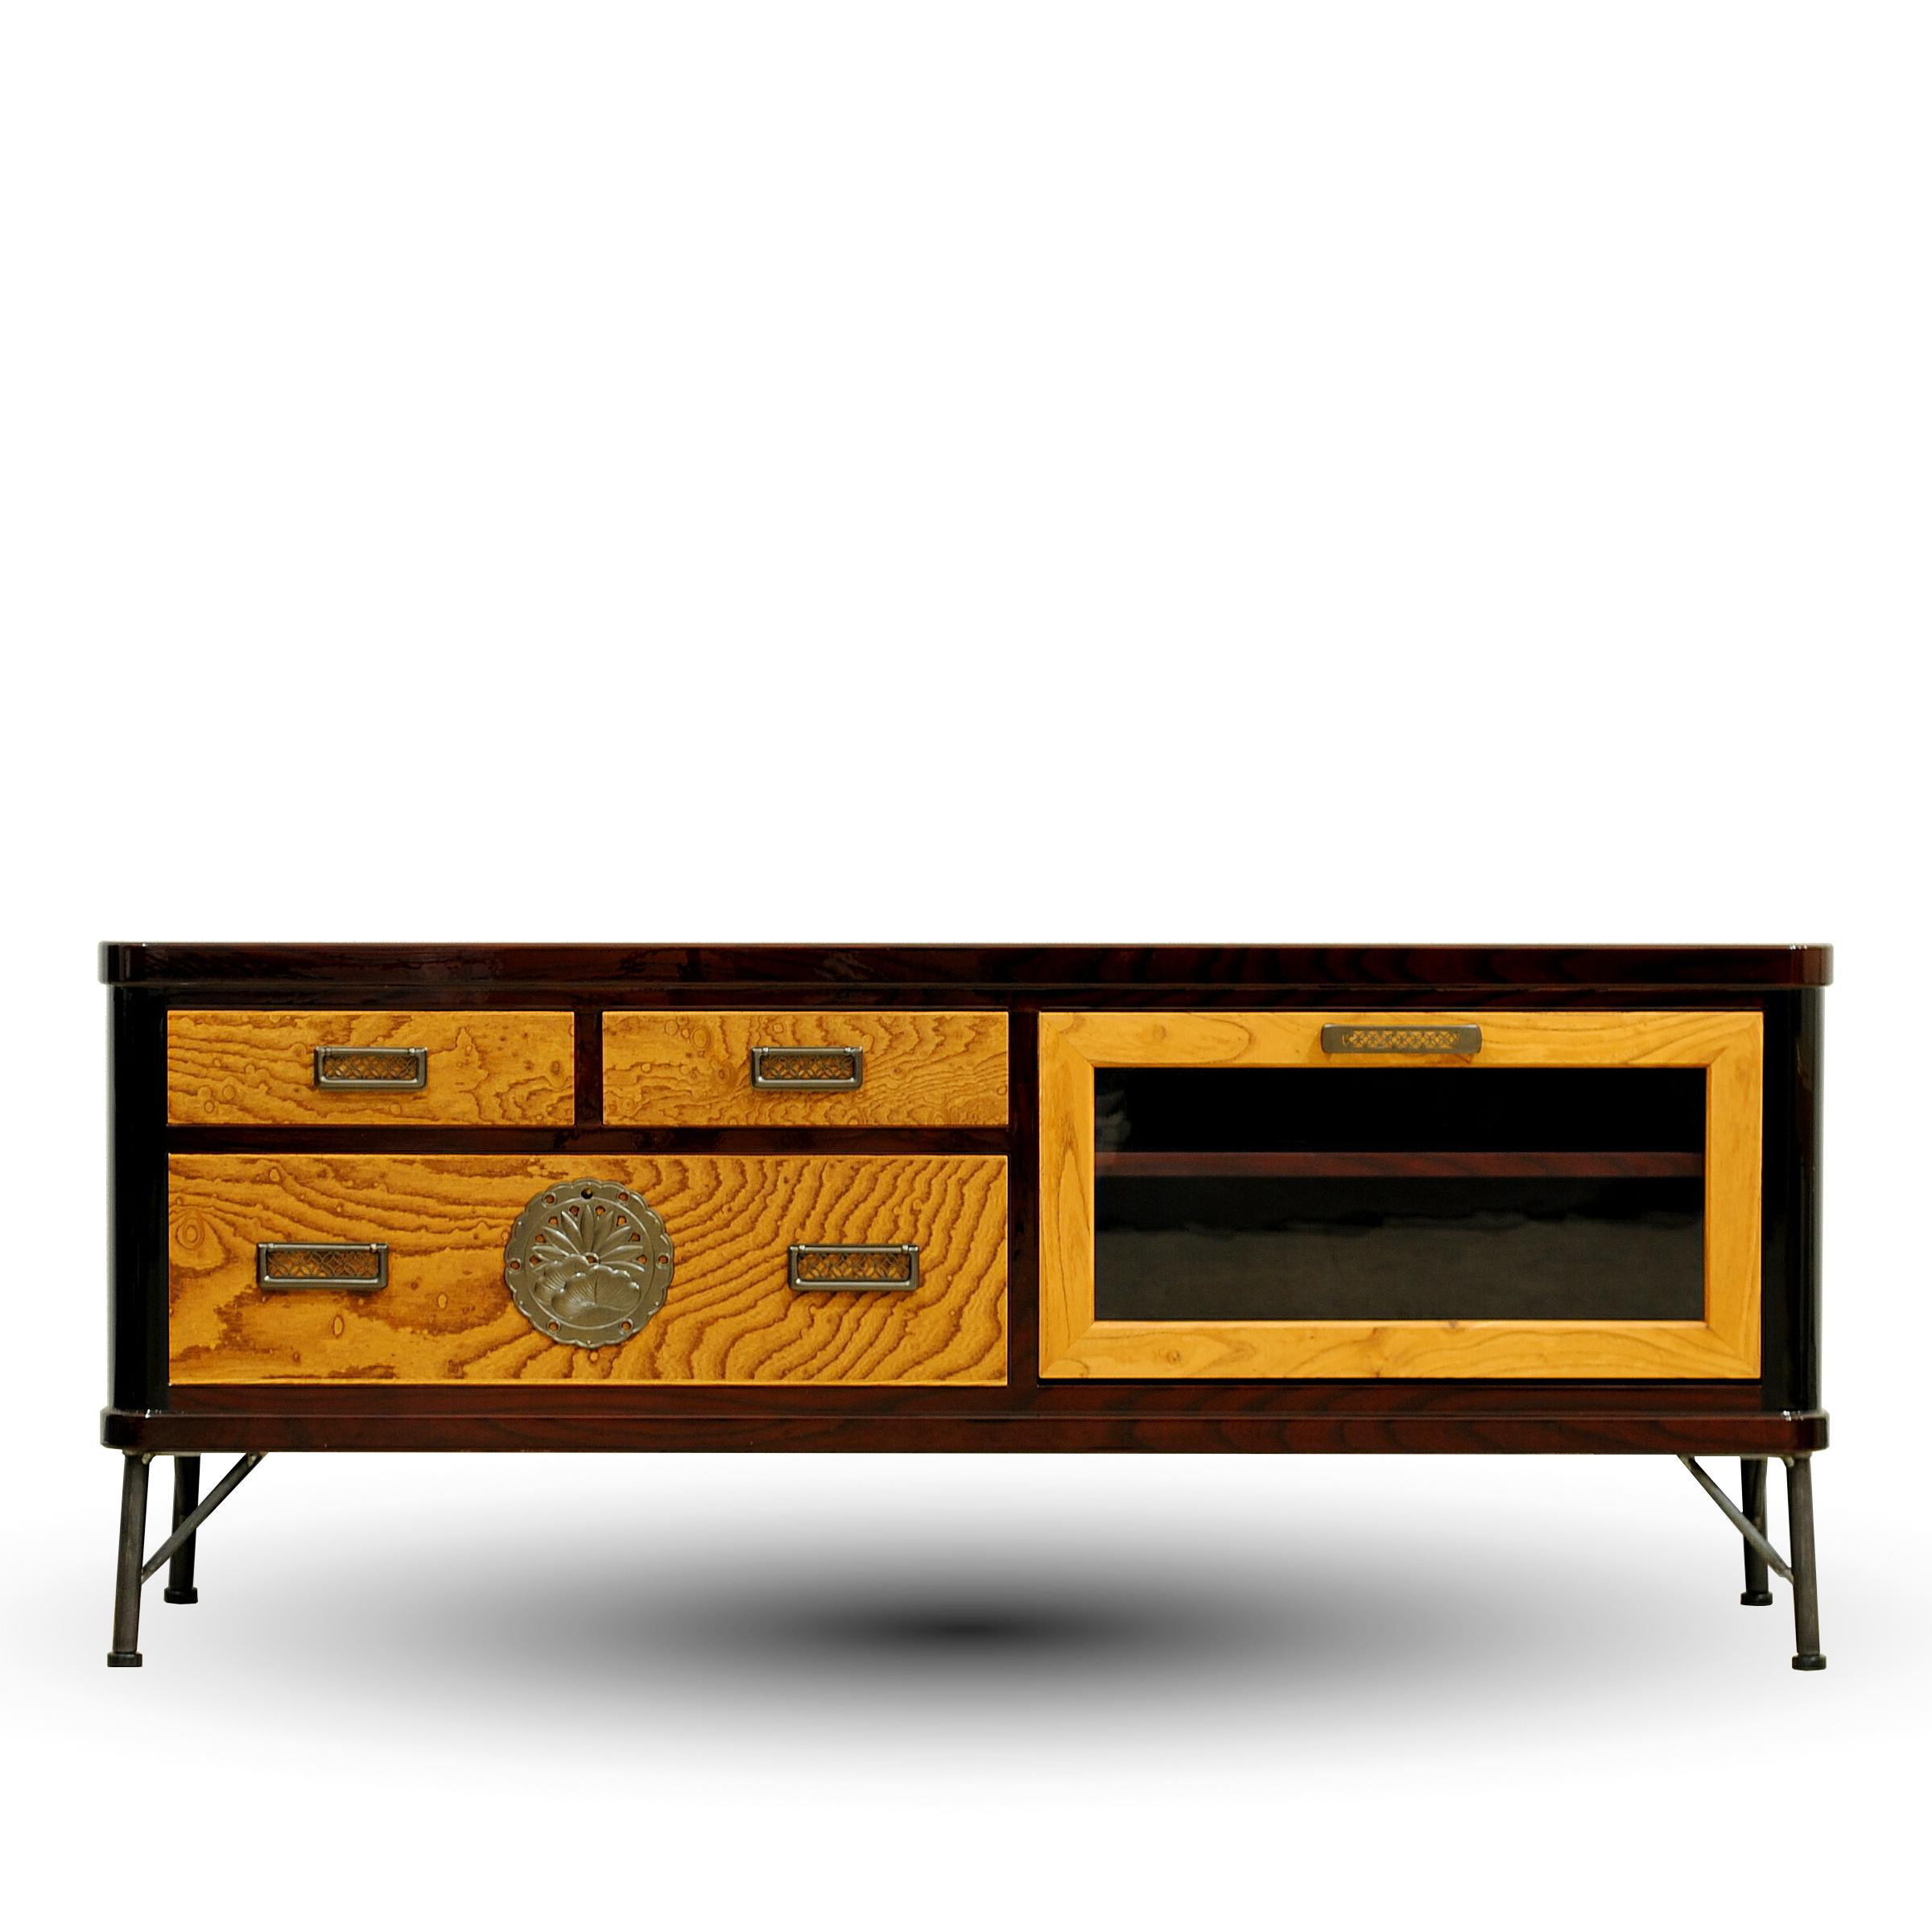 二本松伝統家具 欅ModernStyle ローボード120